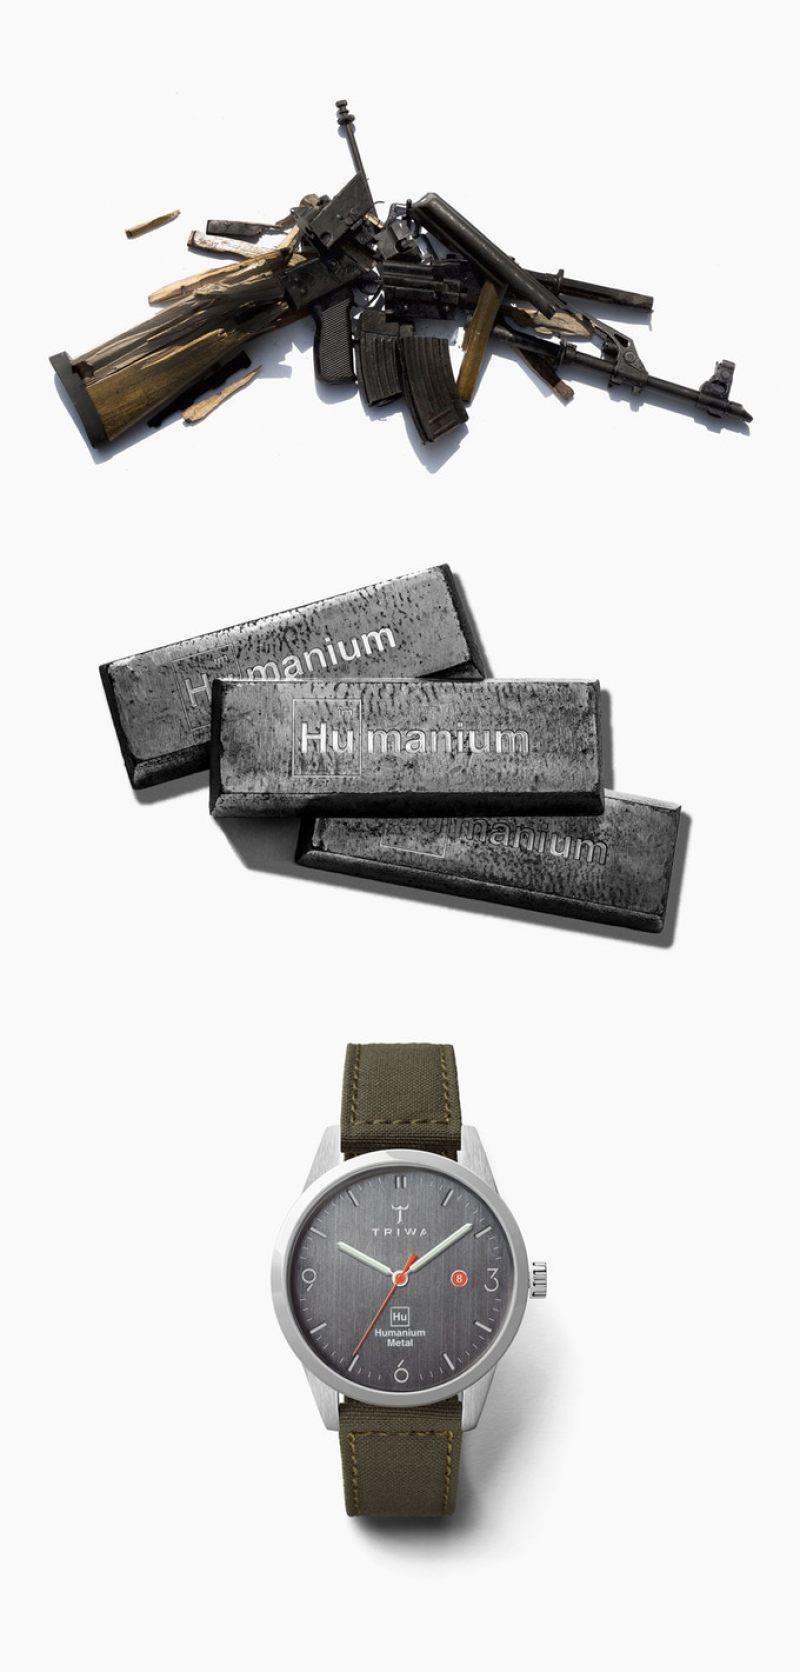 हथियार, धातु और घड़ी